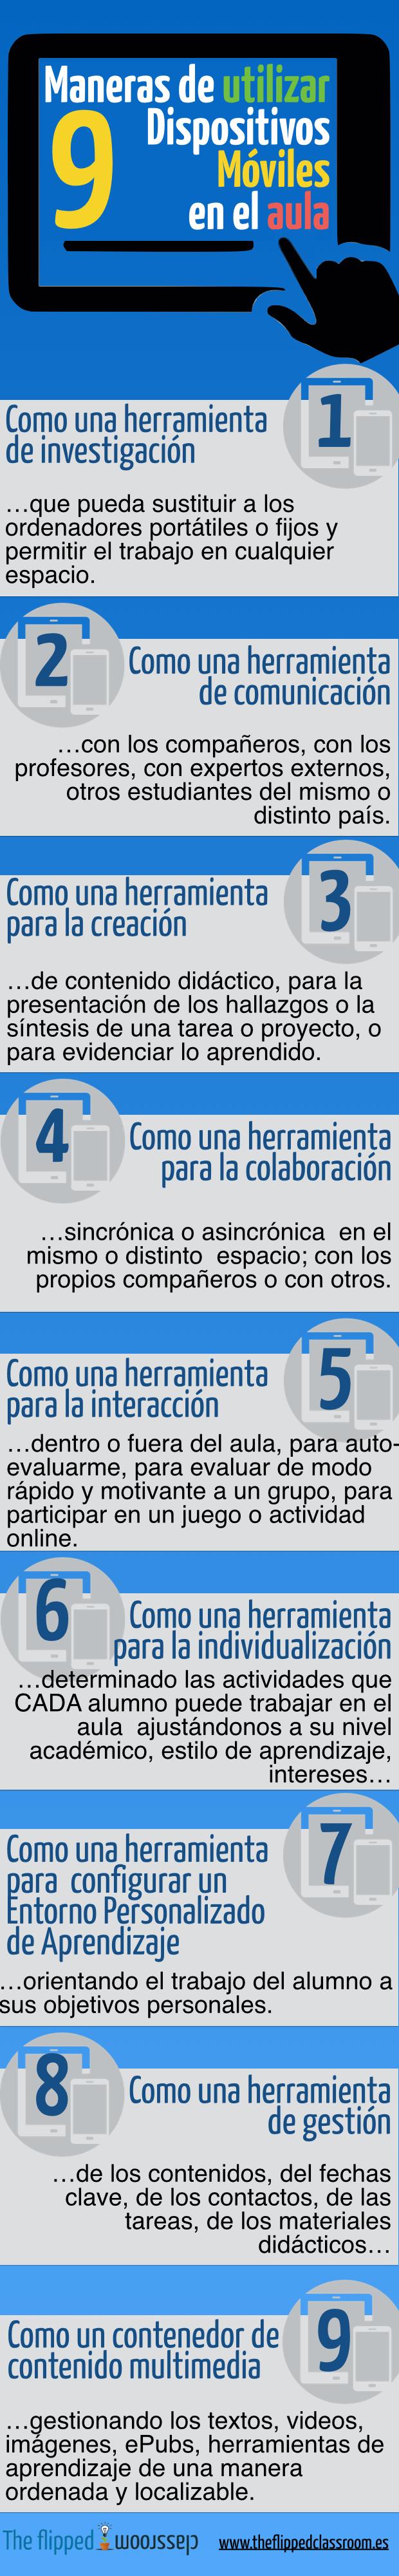 9 formas de usar dispositivos móviles en el aula #infografia #infographic #education